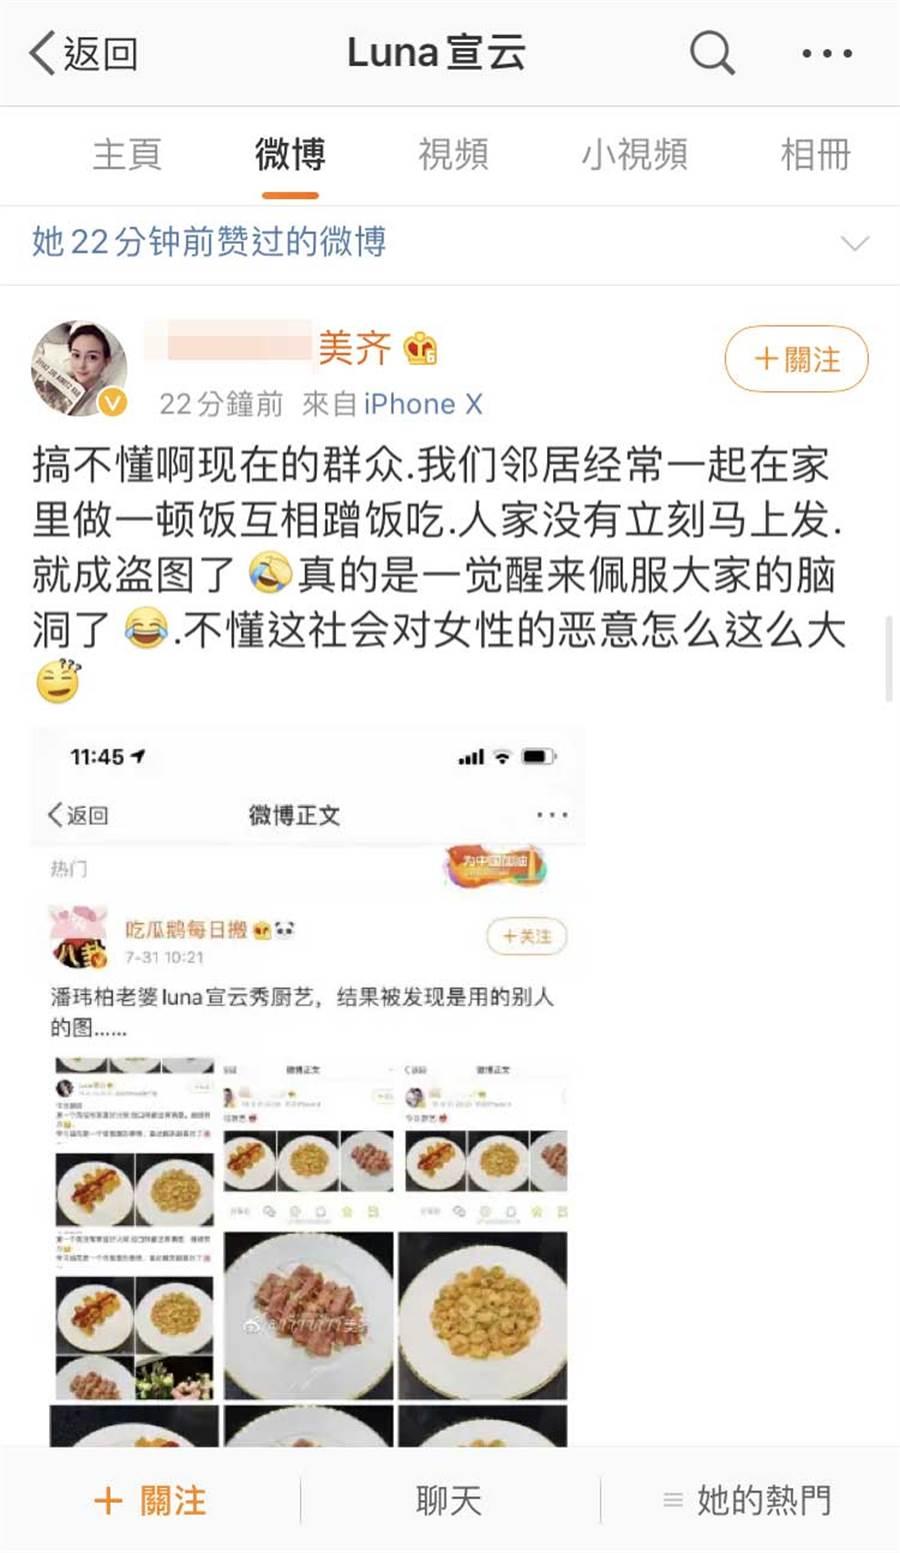 帳號「美齊」發文澄清,表示跟Luna是鄰居,一群人常一起做飯並分享料理,Luna也按讚。(翻攝自微博)